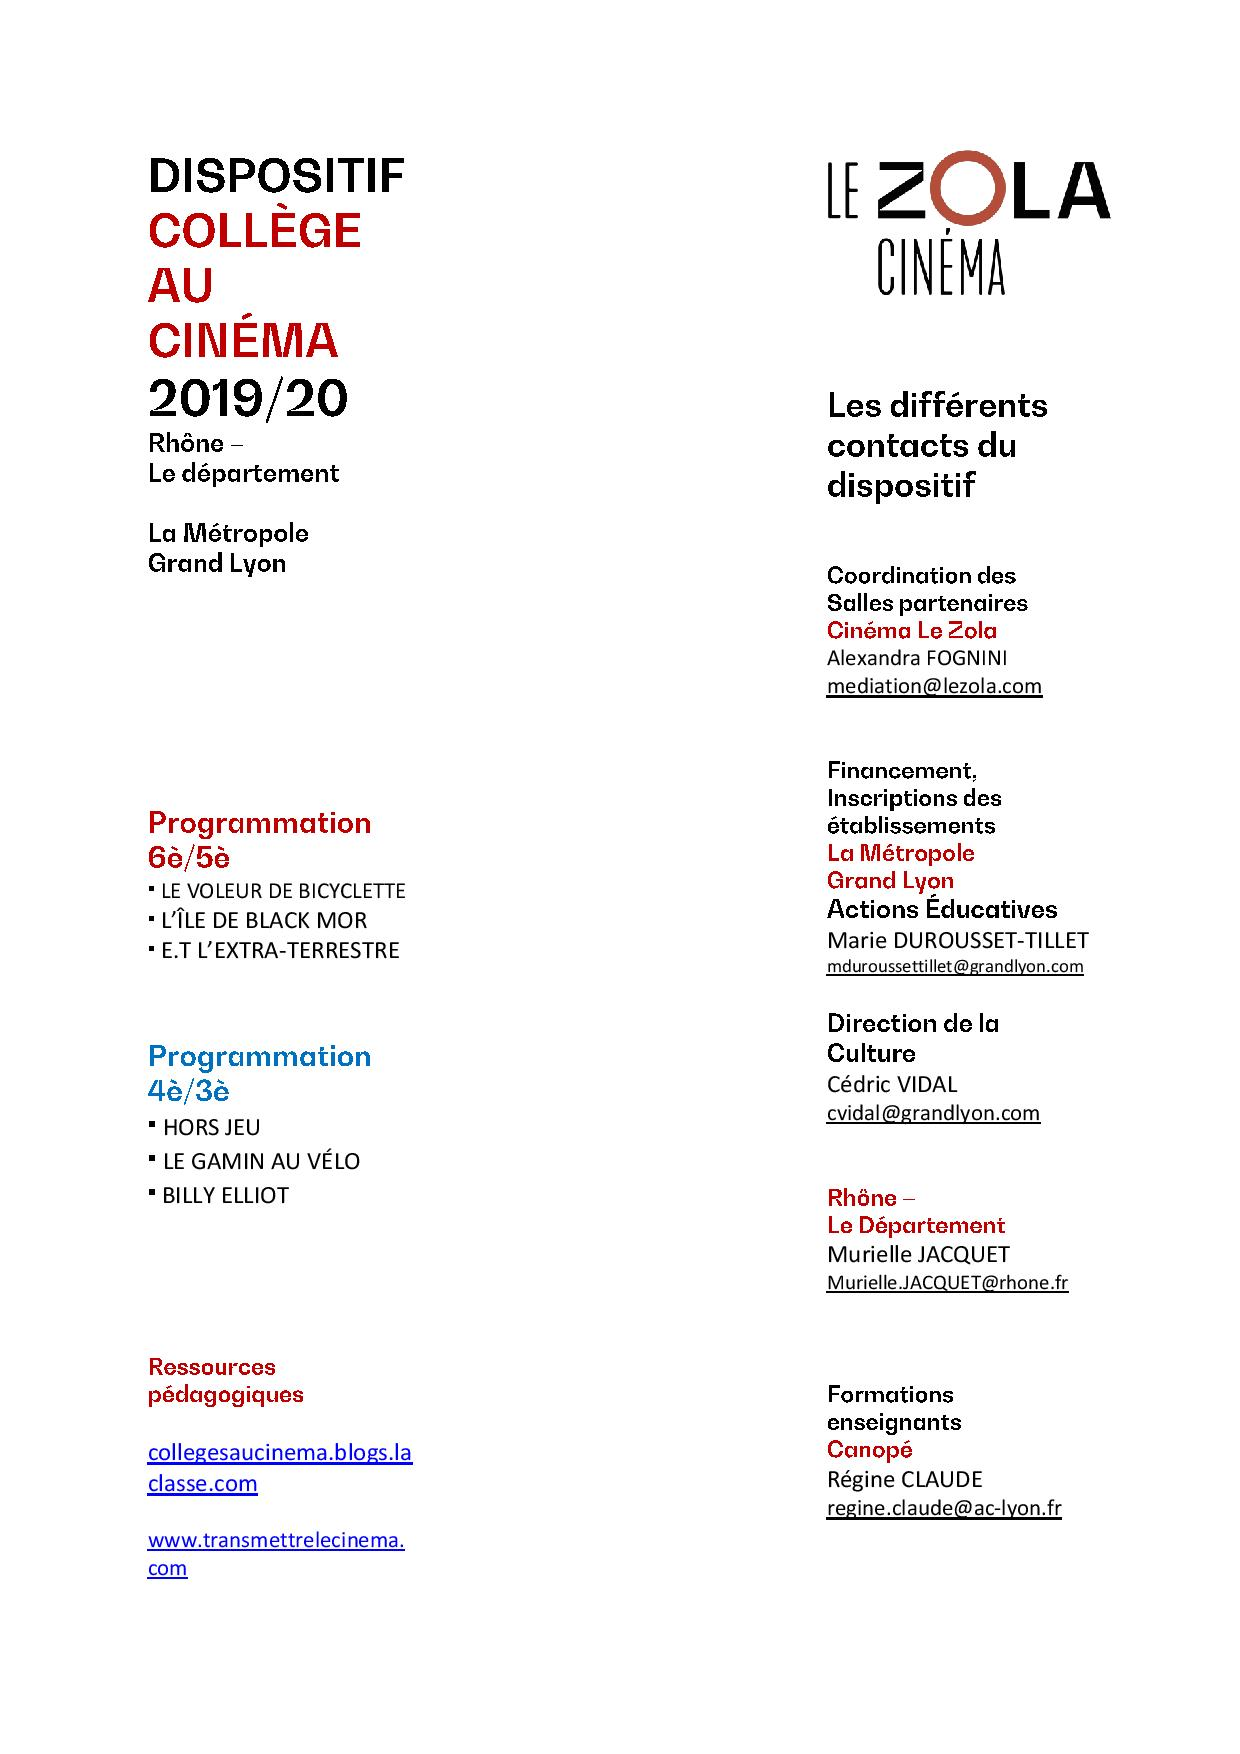 Programme Collège au Cinéma 1920-page-001